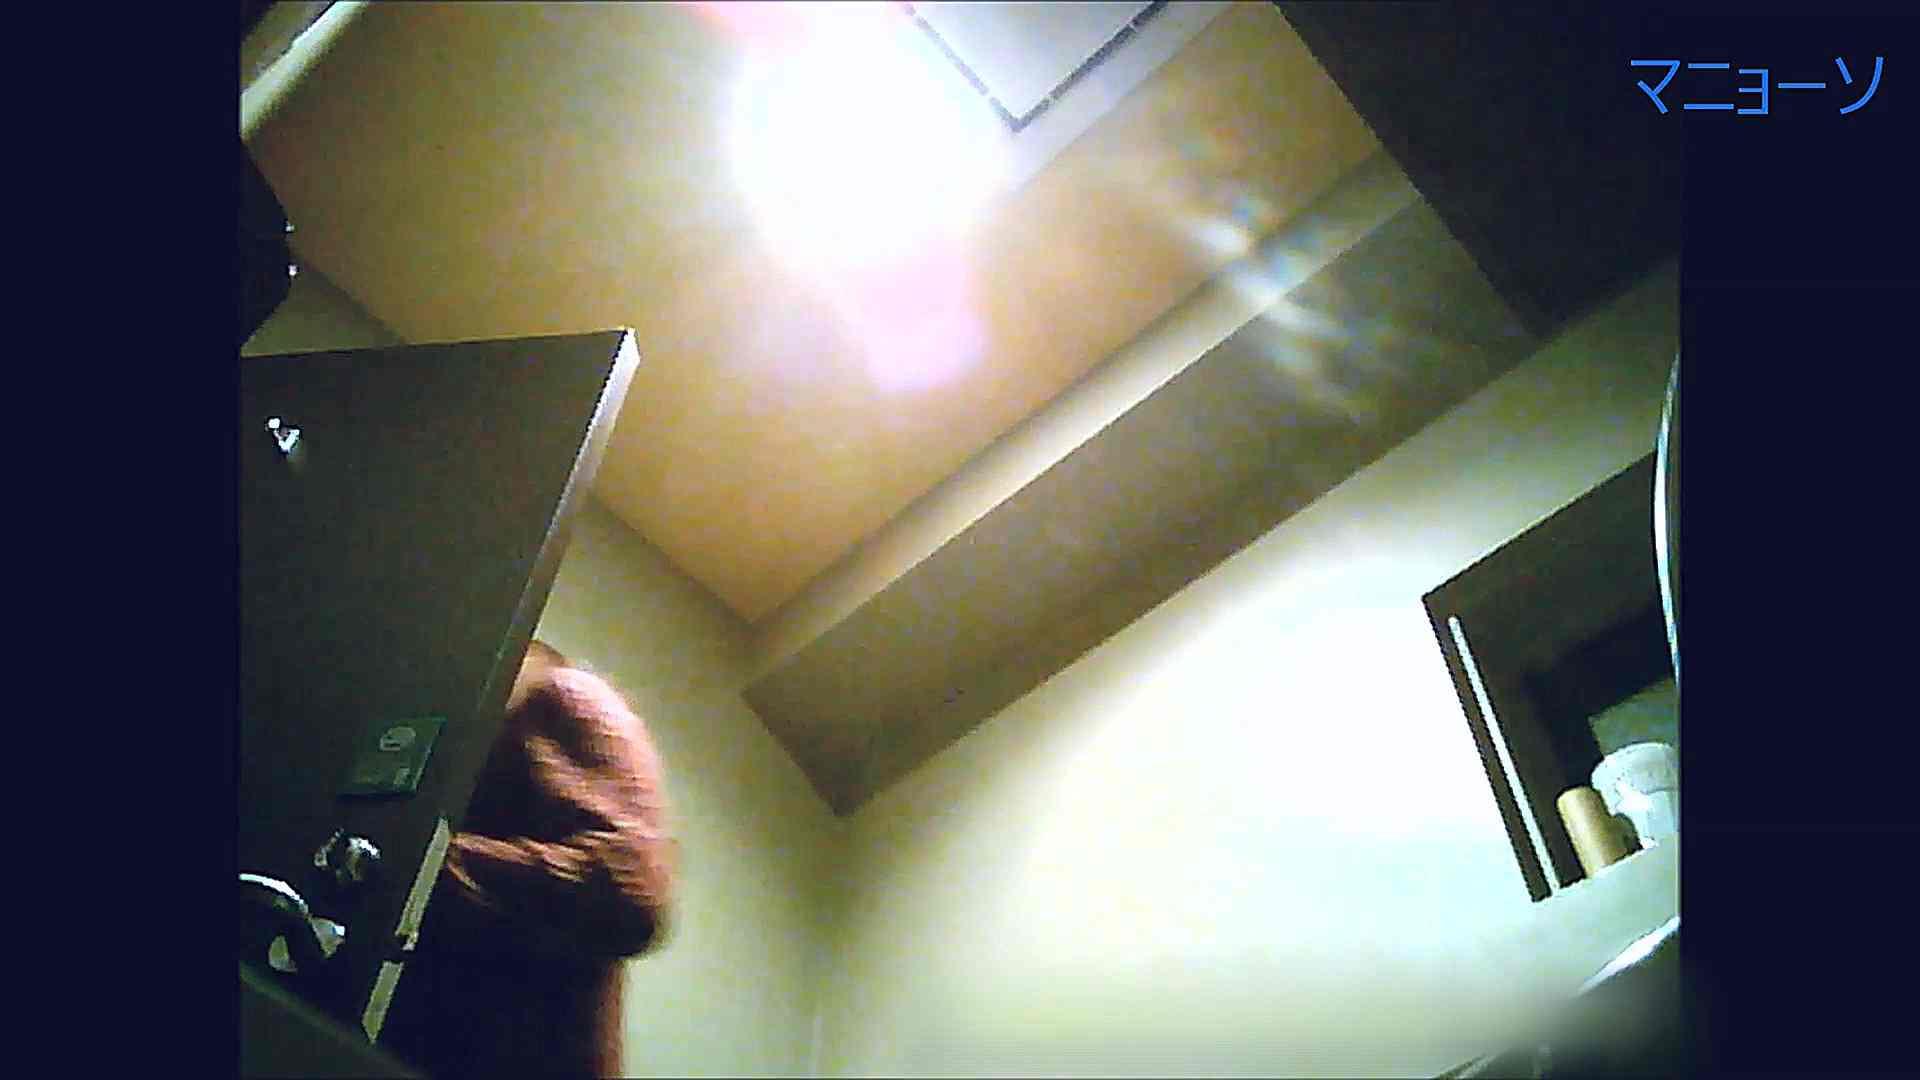 トイレでひと肌脱いでもらいました (OL編)Vol.13 OLのボディ  87PIX 82